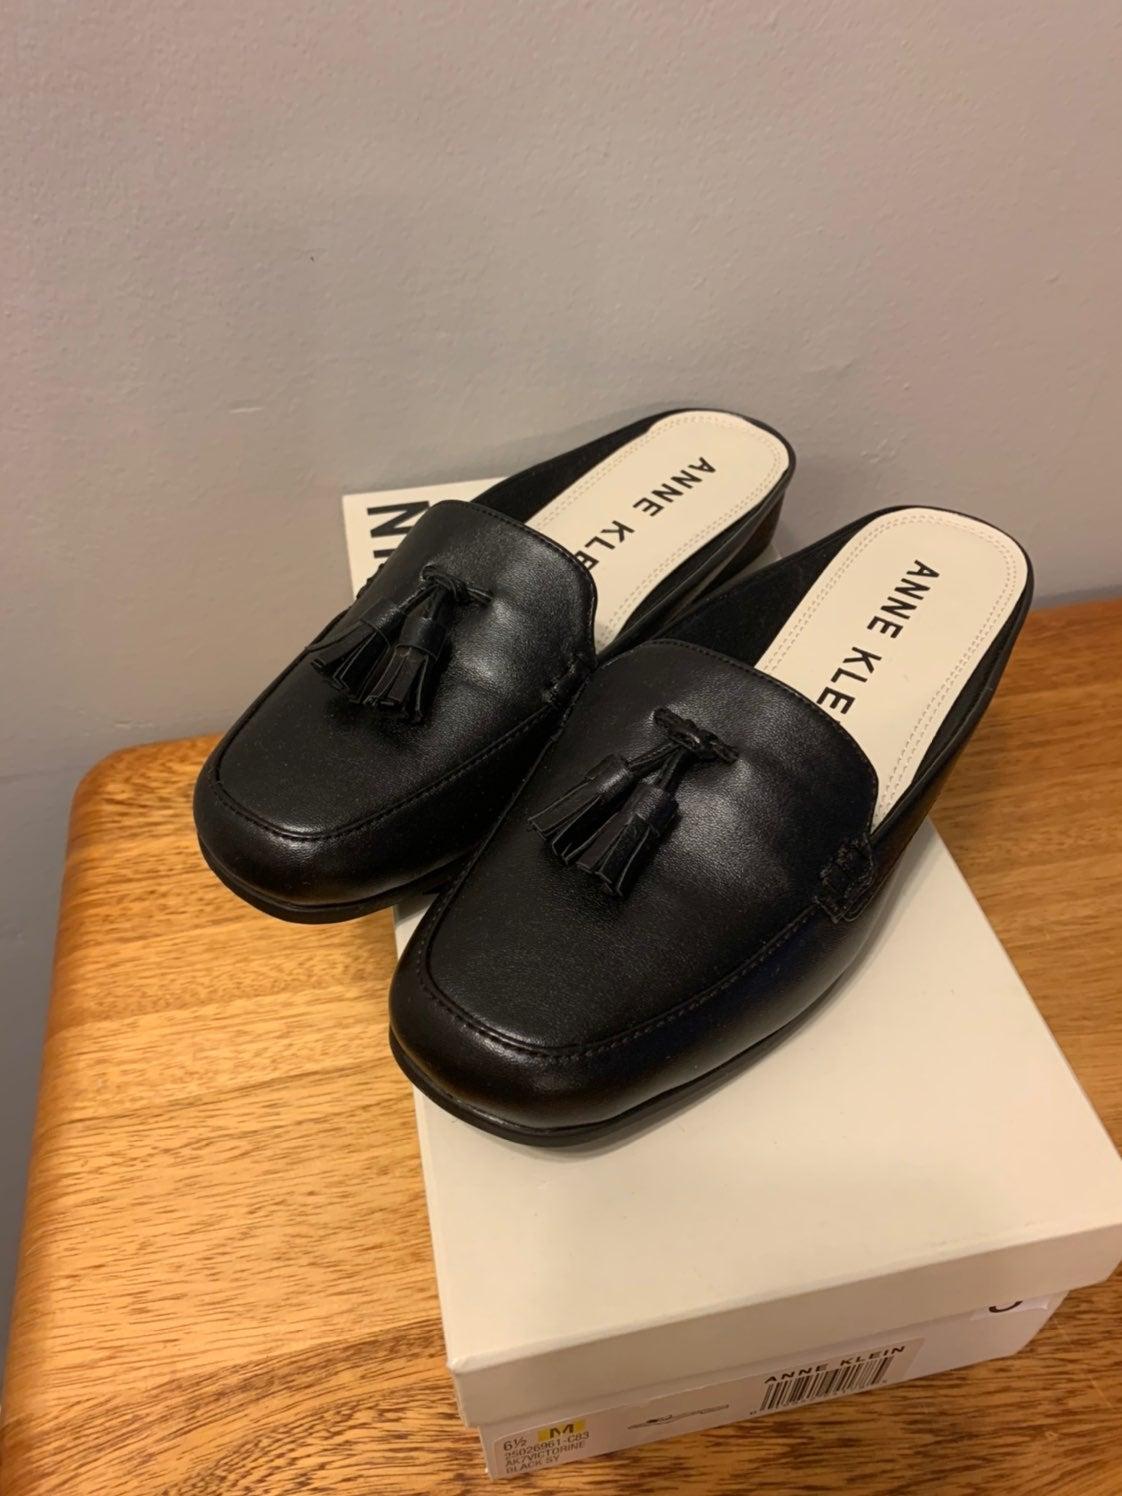 anne klein slip on loafers W6.5